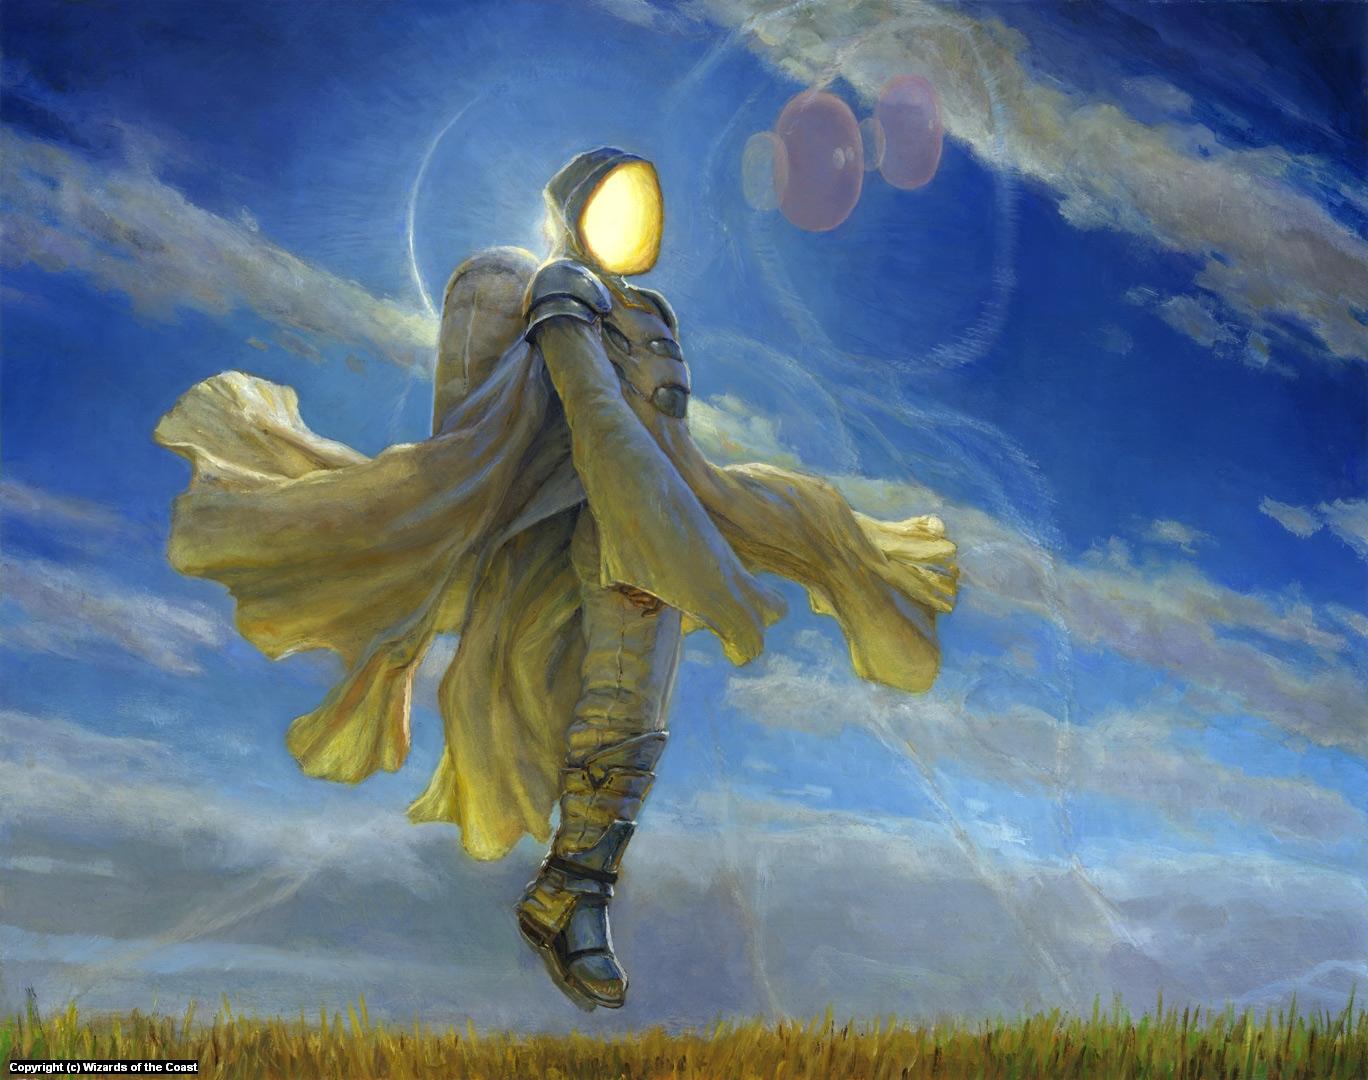 Transcendent Master Artwork by Steven Belledin